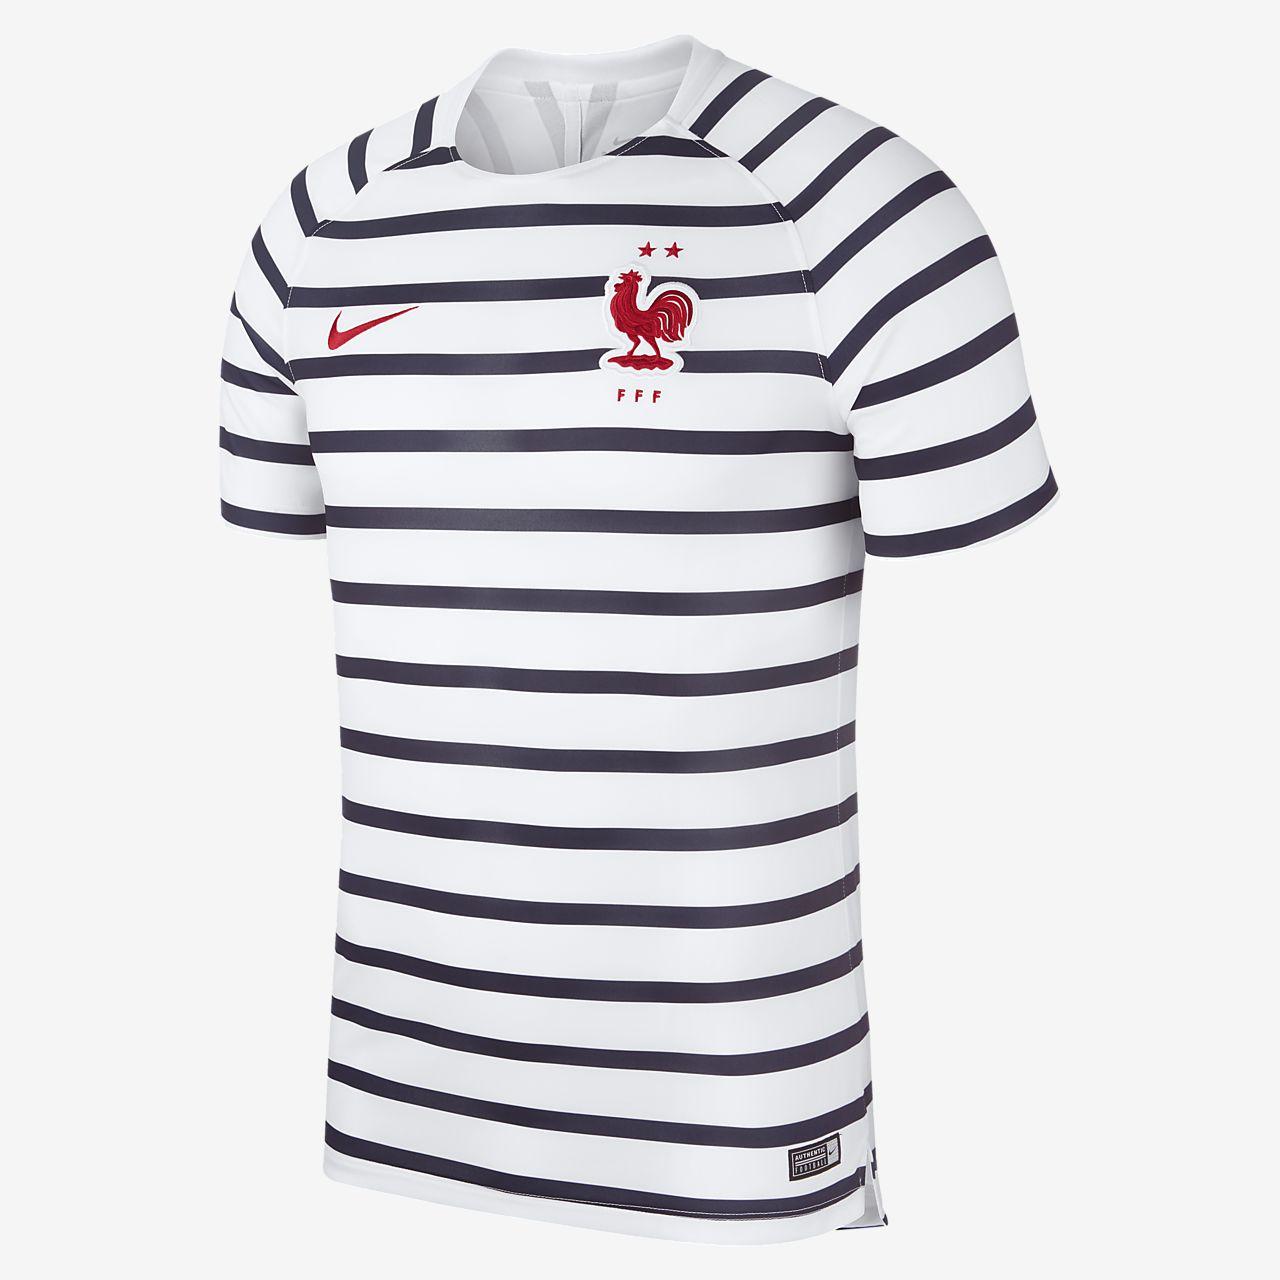 9a8ed3f18a FFF Dri-FIT Squad Camiseta de fútbol - Hombre. Nike.com ES